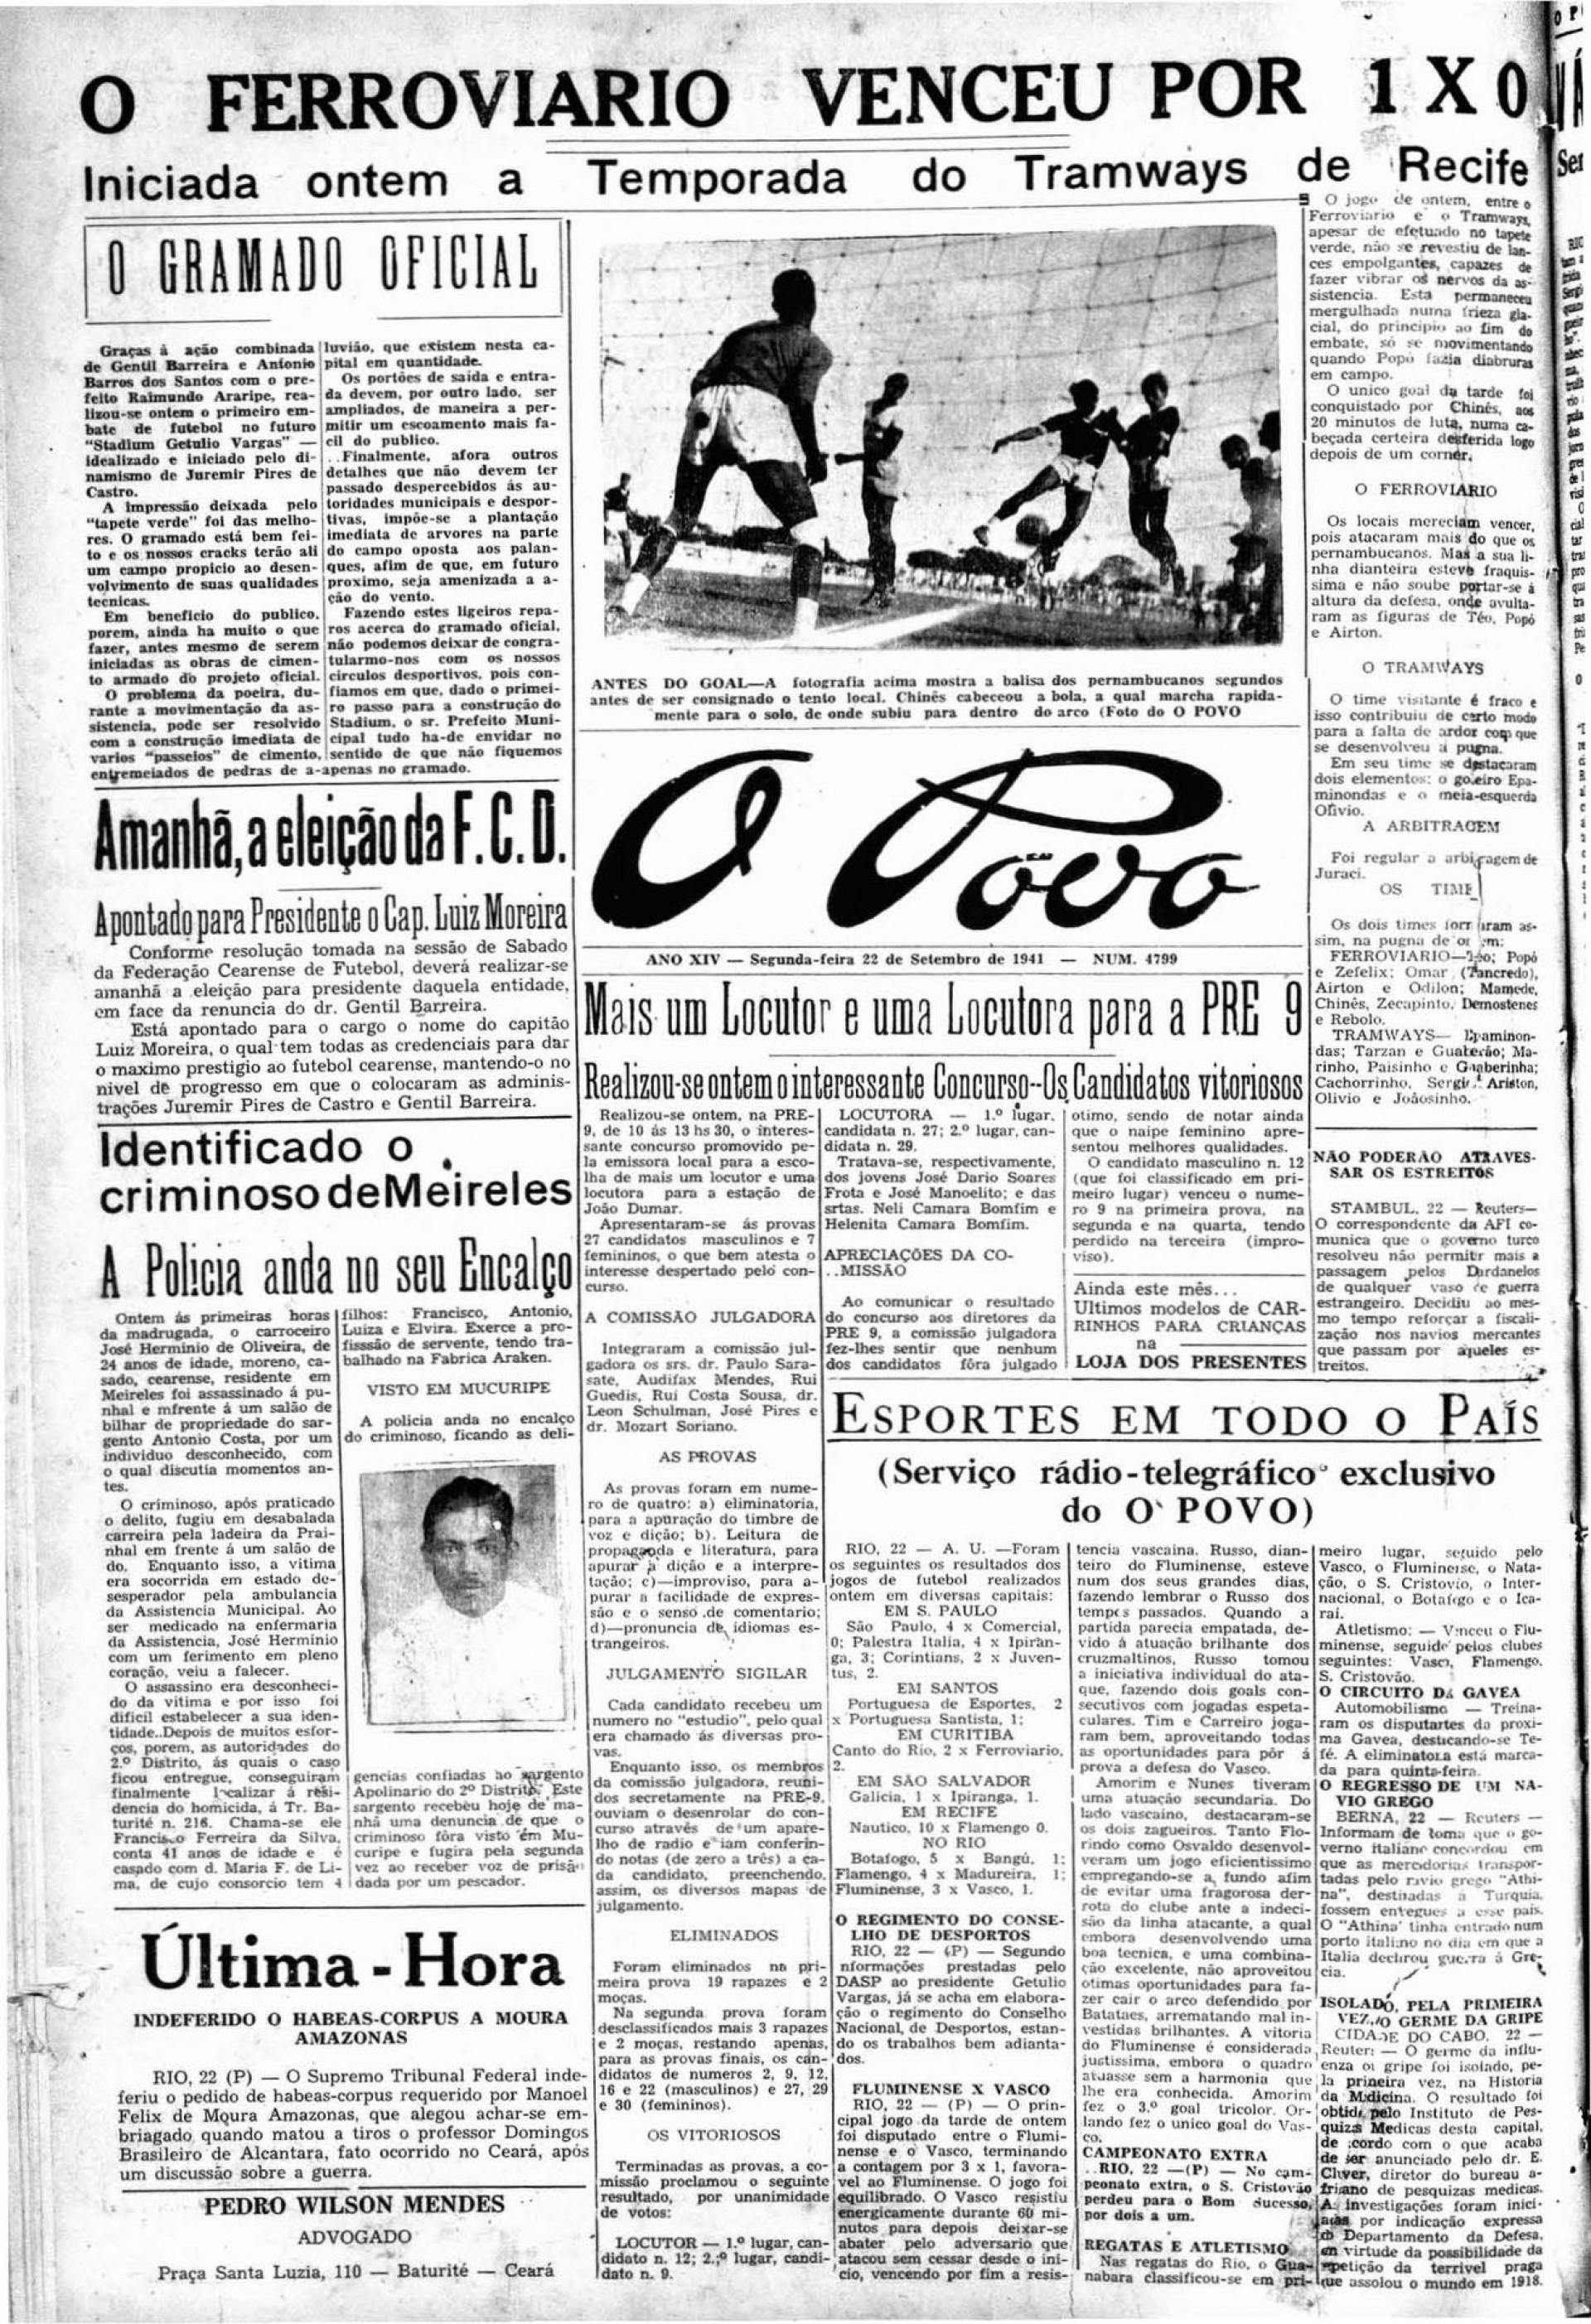 (Foto: Acervo Data.doc)22 de setembro de 1941, O POVO destaca a vitória do Ferroviário sobre o Tramways, na abertura do PV